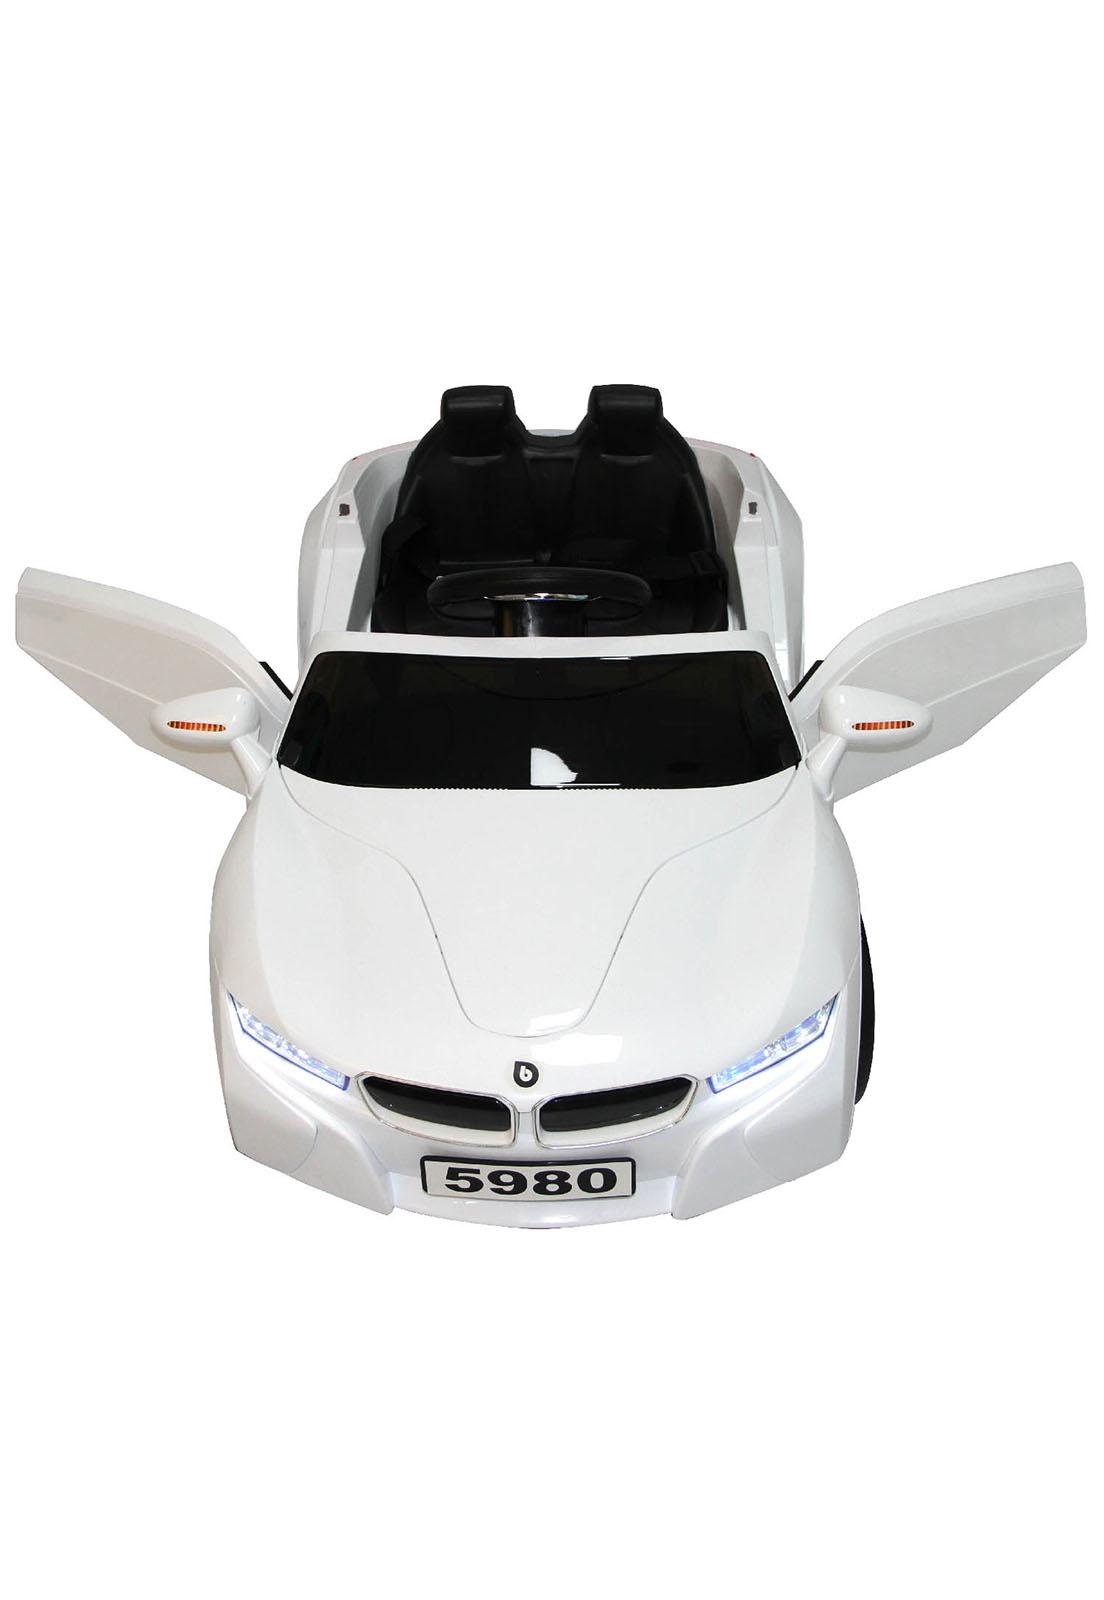 Auto a Batería + control remoto - Blanco